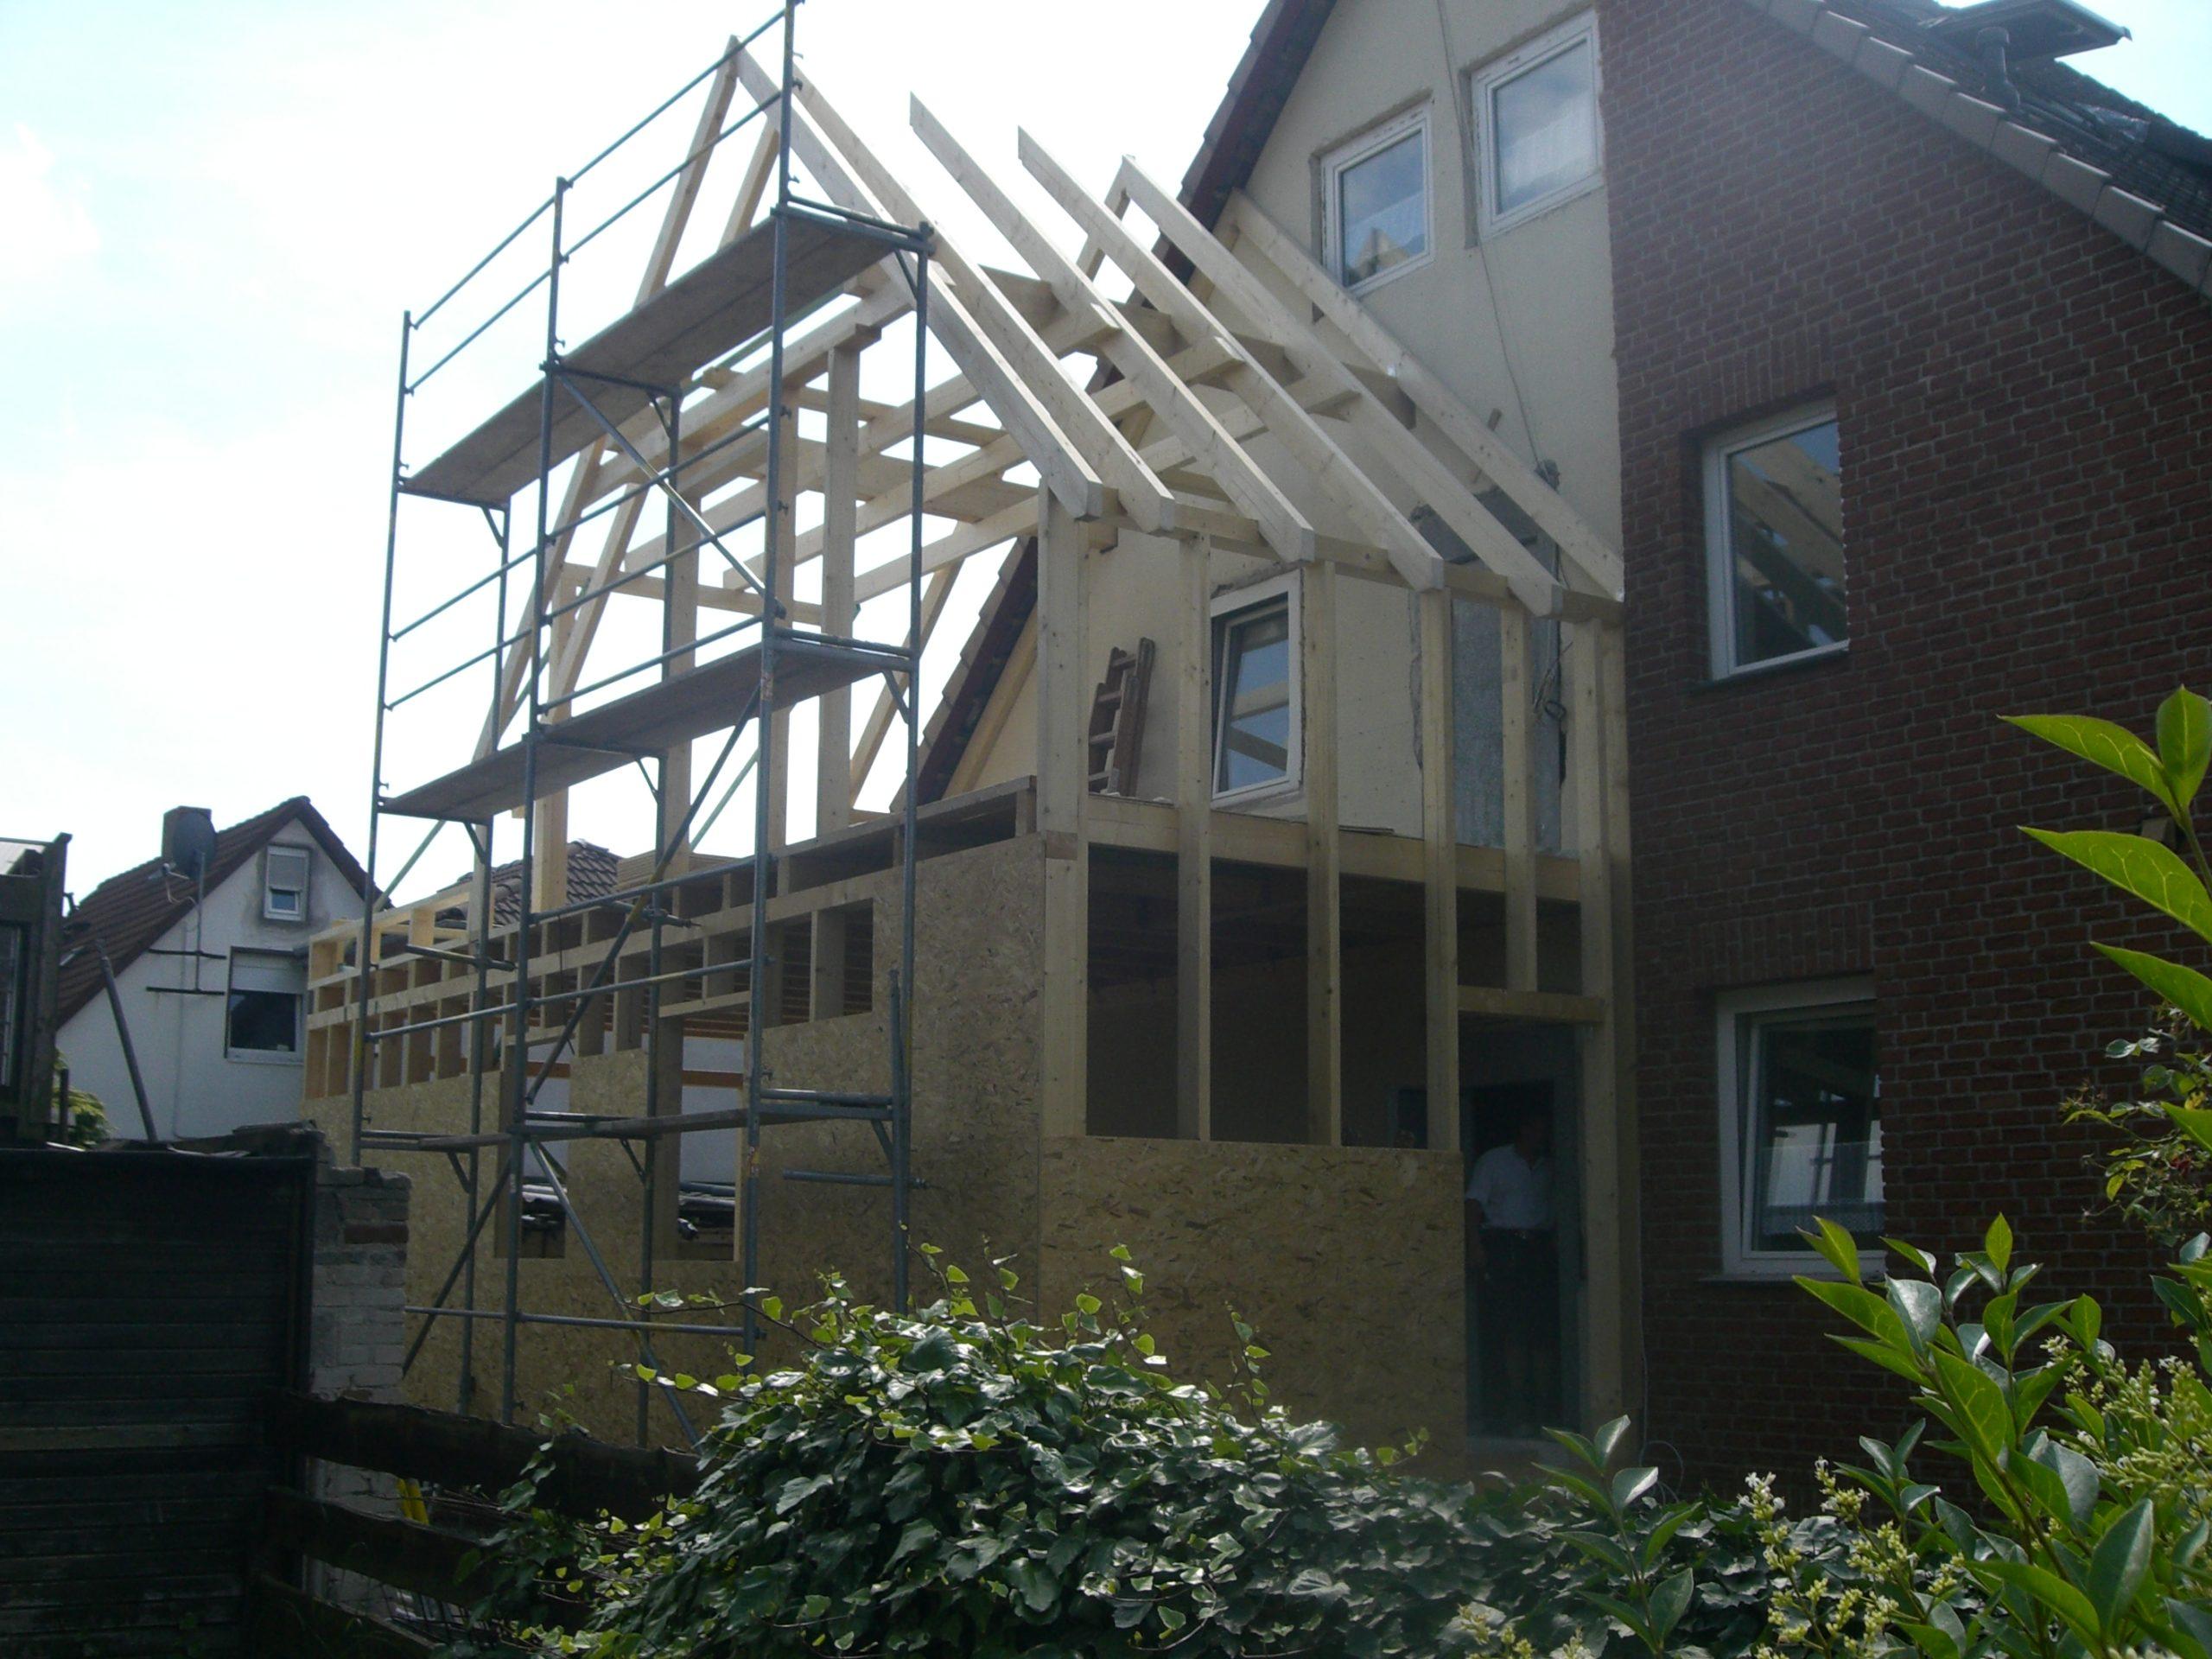 Meisterleistung Wohnraumerweiterung  auf Stahlträgern